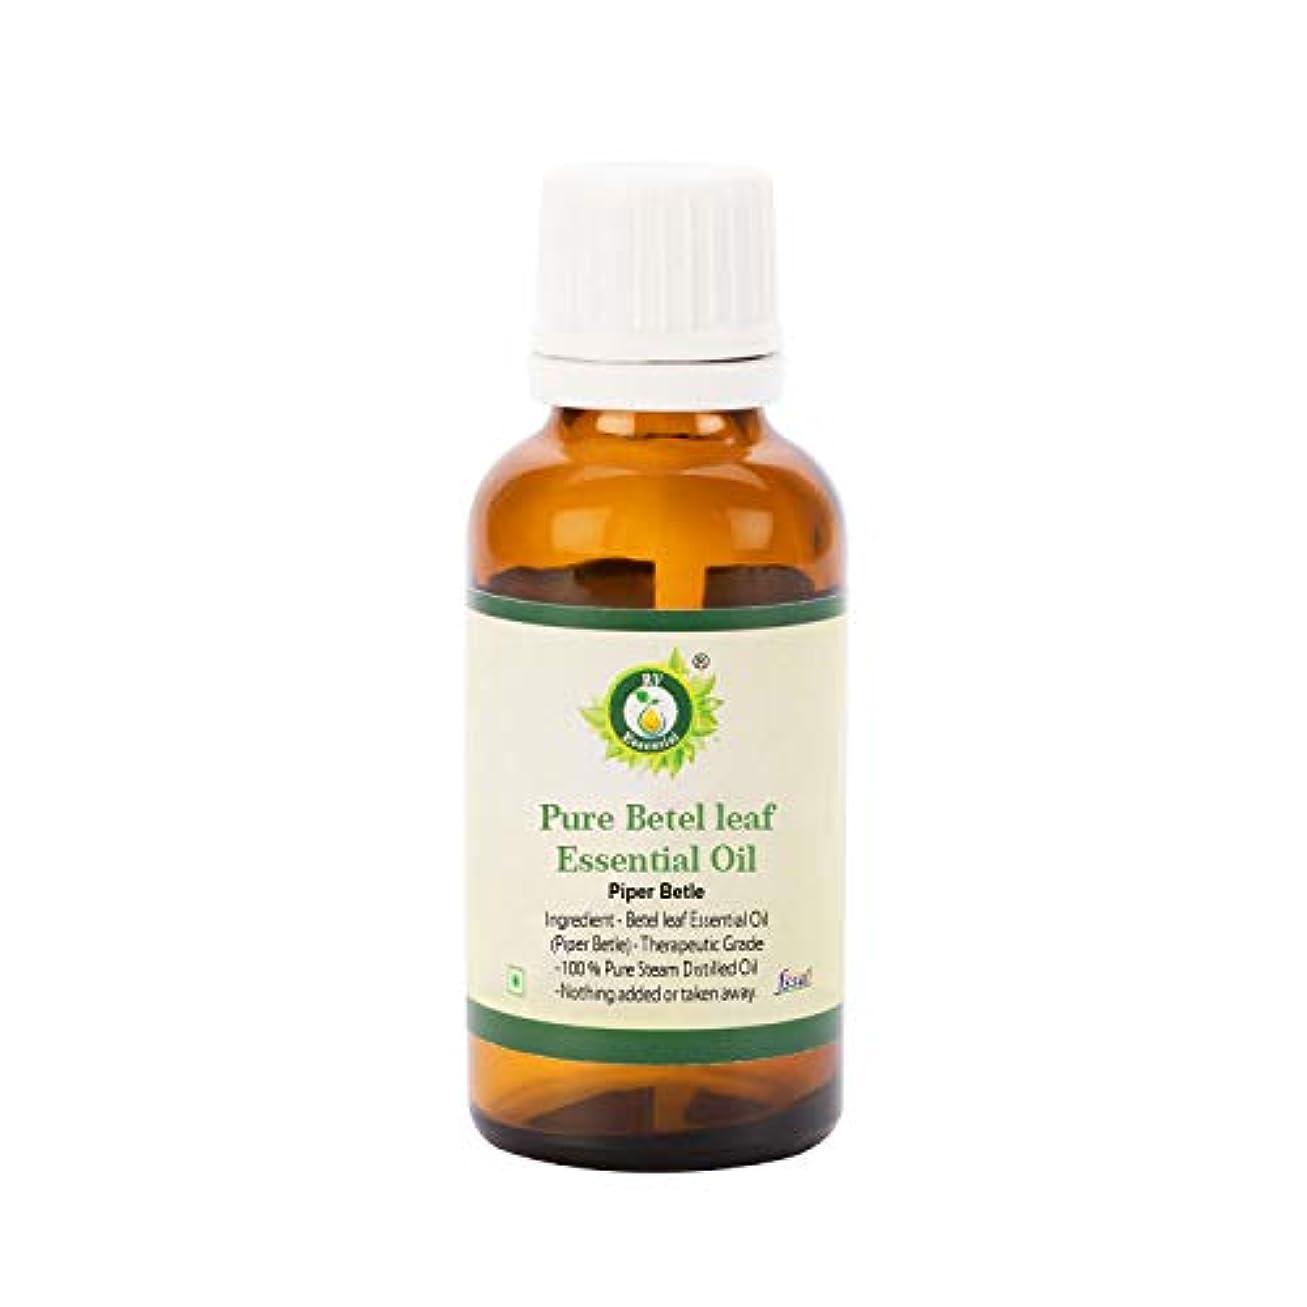 学士大きい上R V Essential ピュアBetel葉エッセンシャルオイル15ml (0.507oz)- Piper Betle (100%純粋&天然スチームDistilled) Pure Betel leaf Essential...